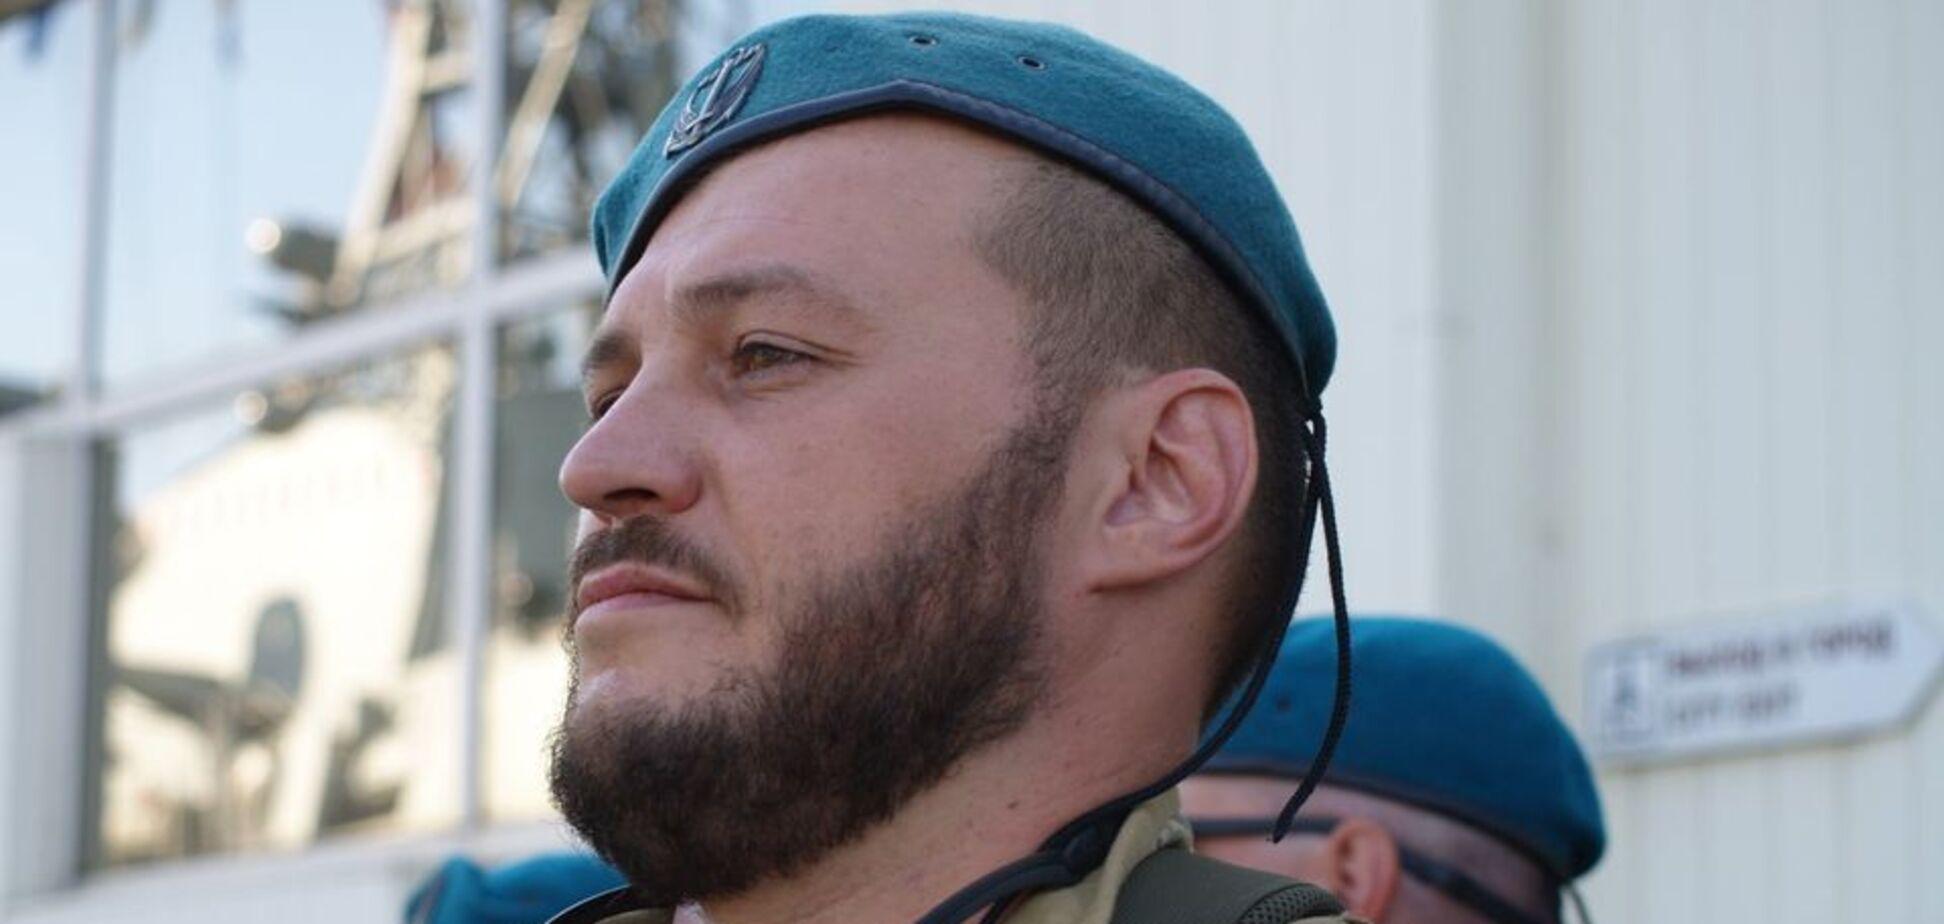 Морпіх Костянтин Оверко помер після снайперського поранення